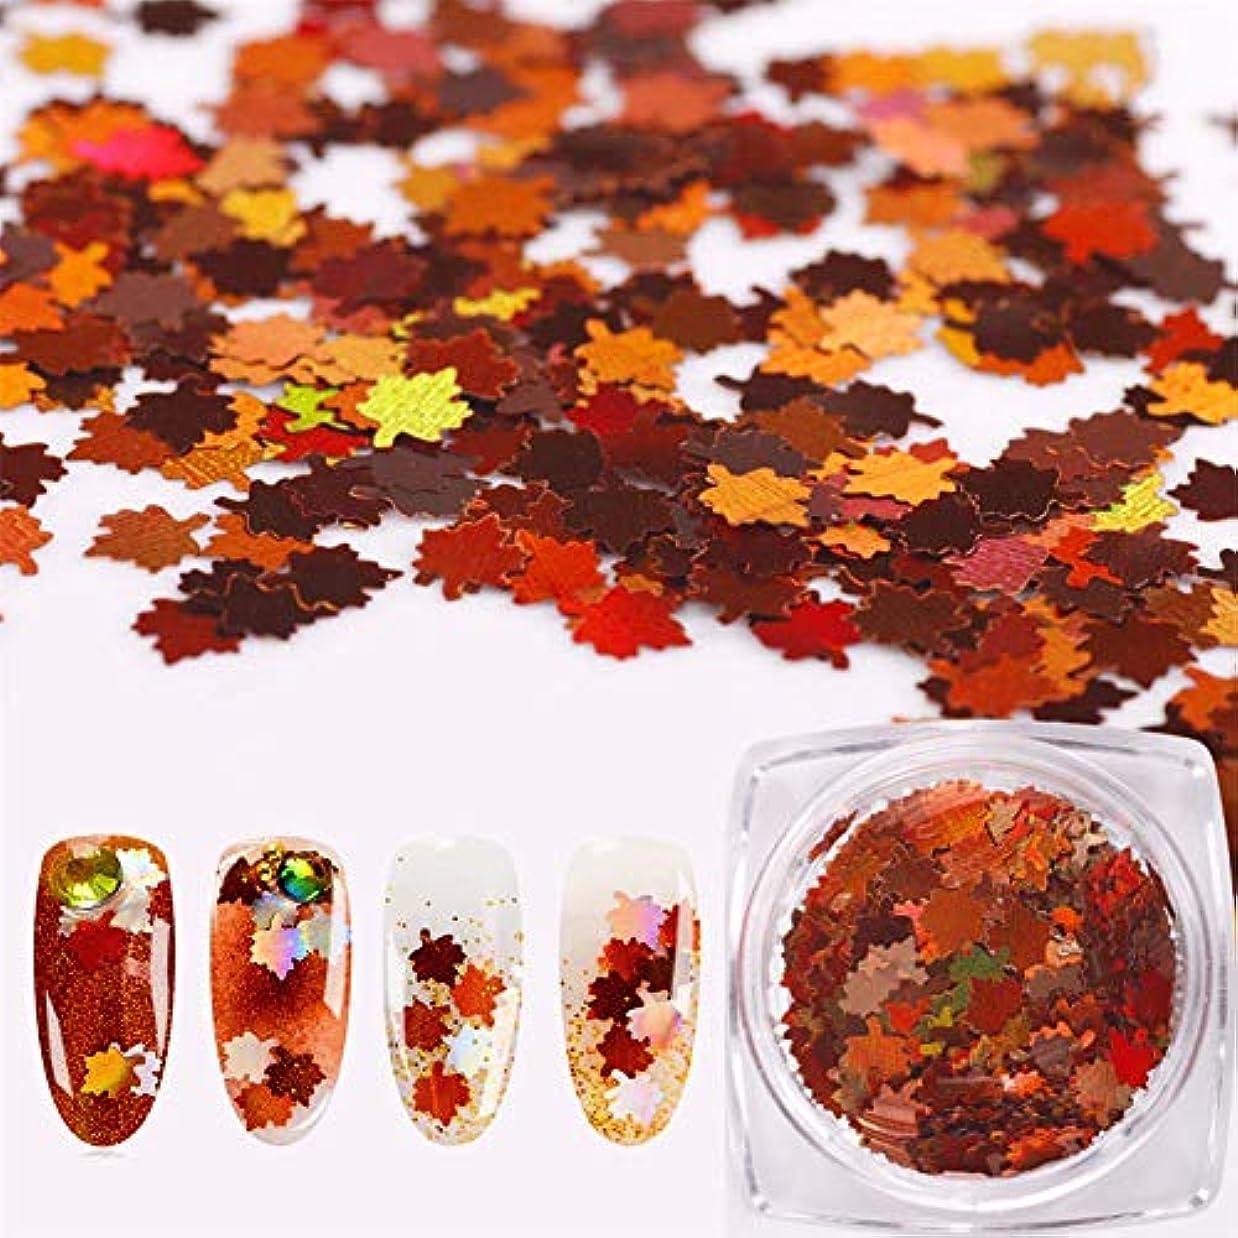 ダルセット本質的にトラックBORN PRETTY 紅葉ホログラム ジェルネイルパーツ 秋ネイル 1ボックス レジン 素材 デコレーション用 ネイル